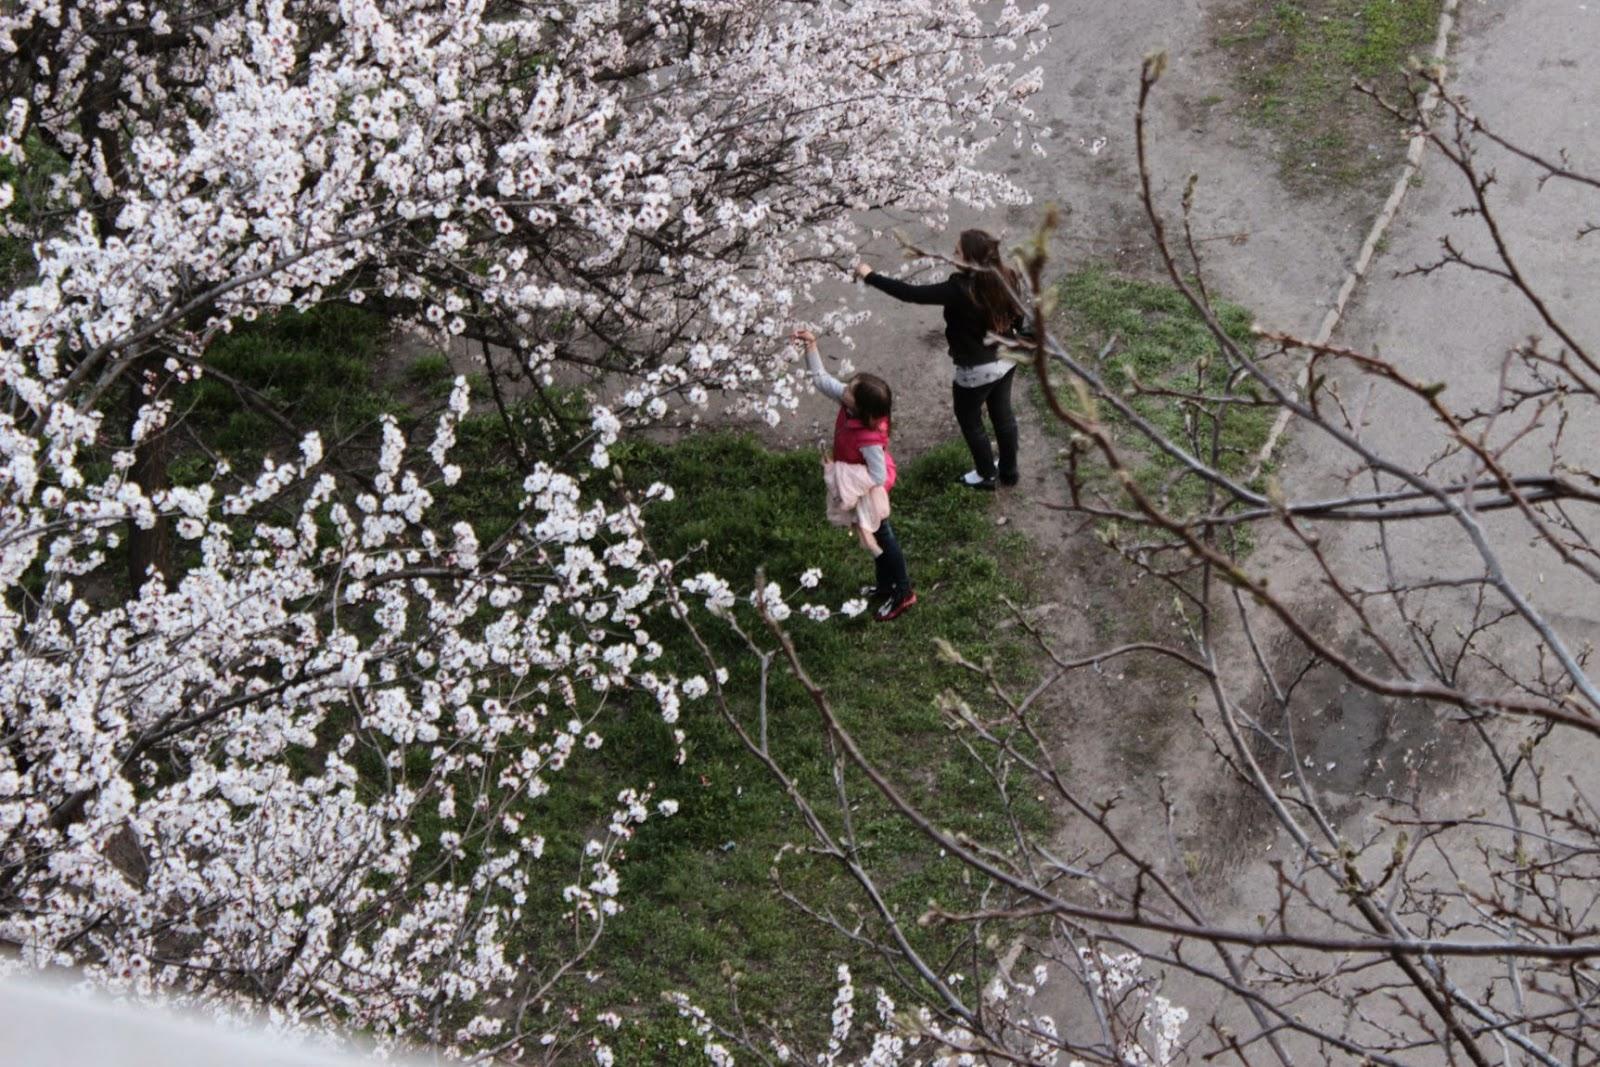 цветущие деревья, пейзаж, цветы, абрикосы цветут